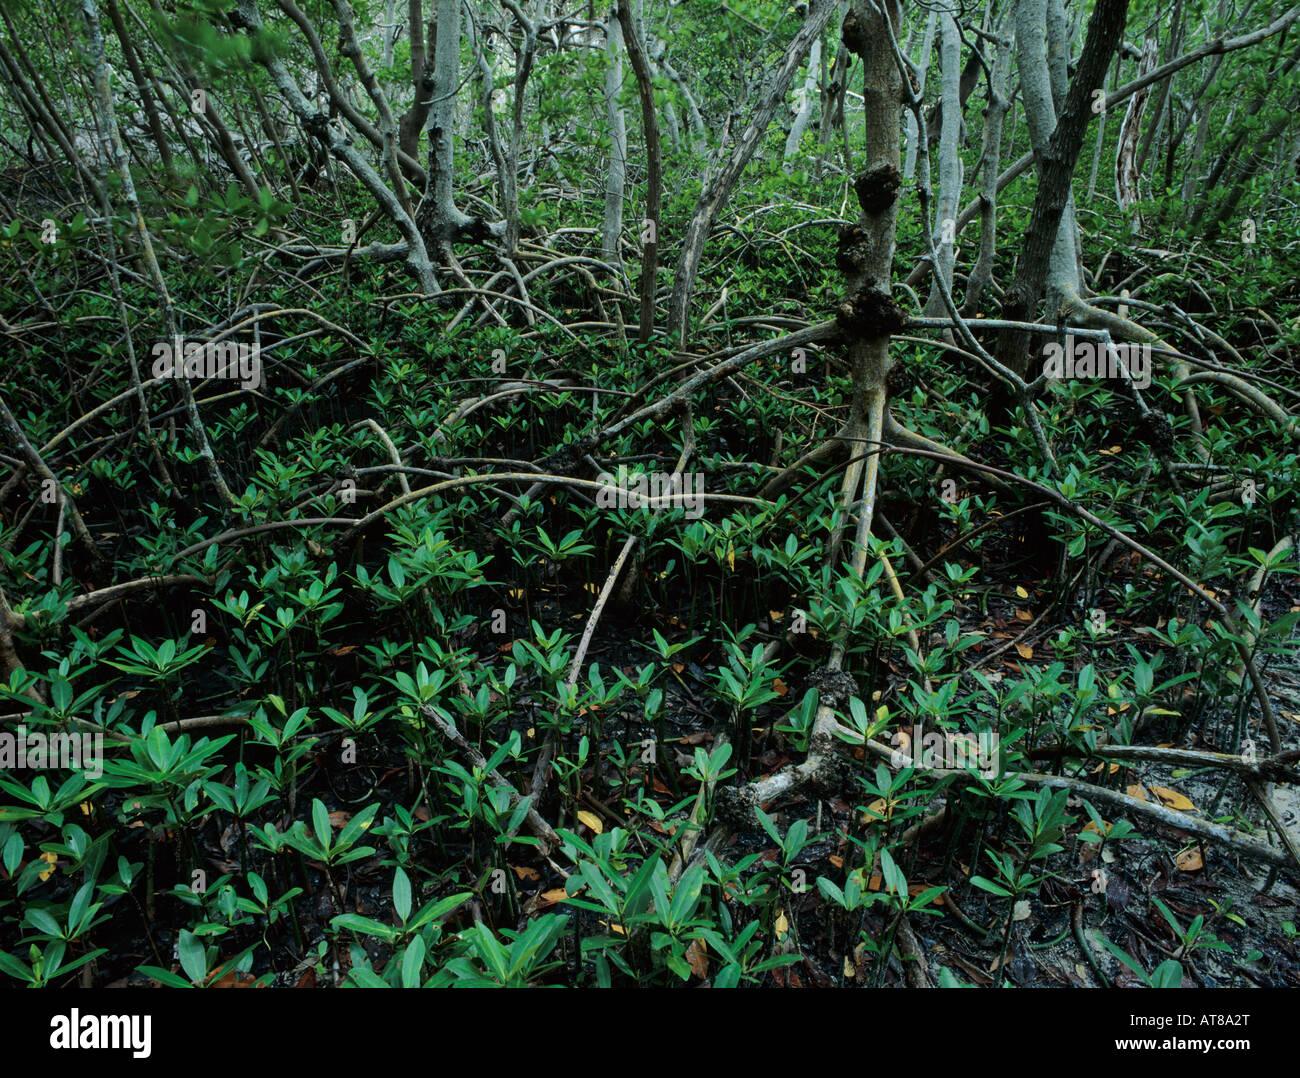 Black Mangroves Avicennia germinans forest J N Ding Darling National Wildlife Refuge Sanibel Island Florida - Stock Image